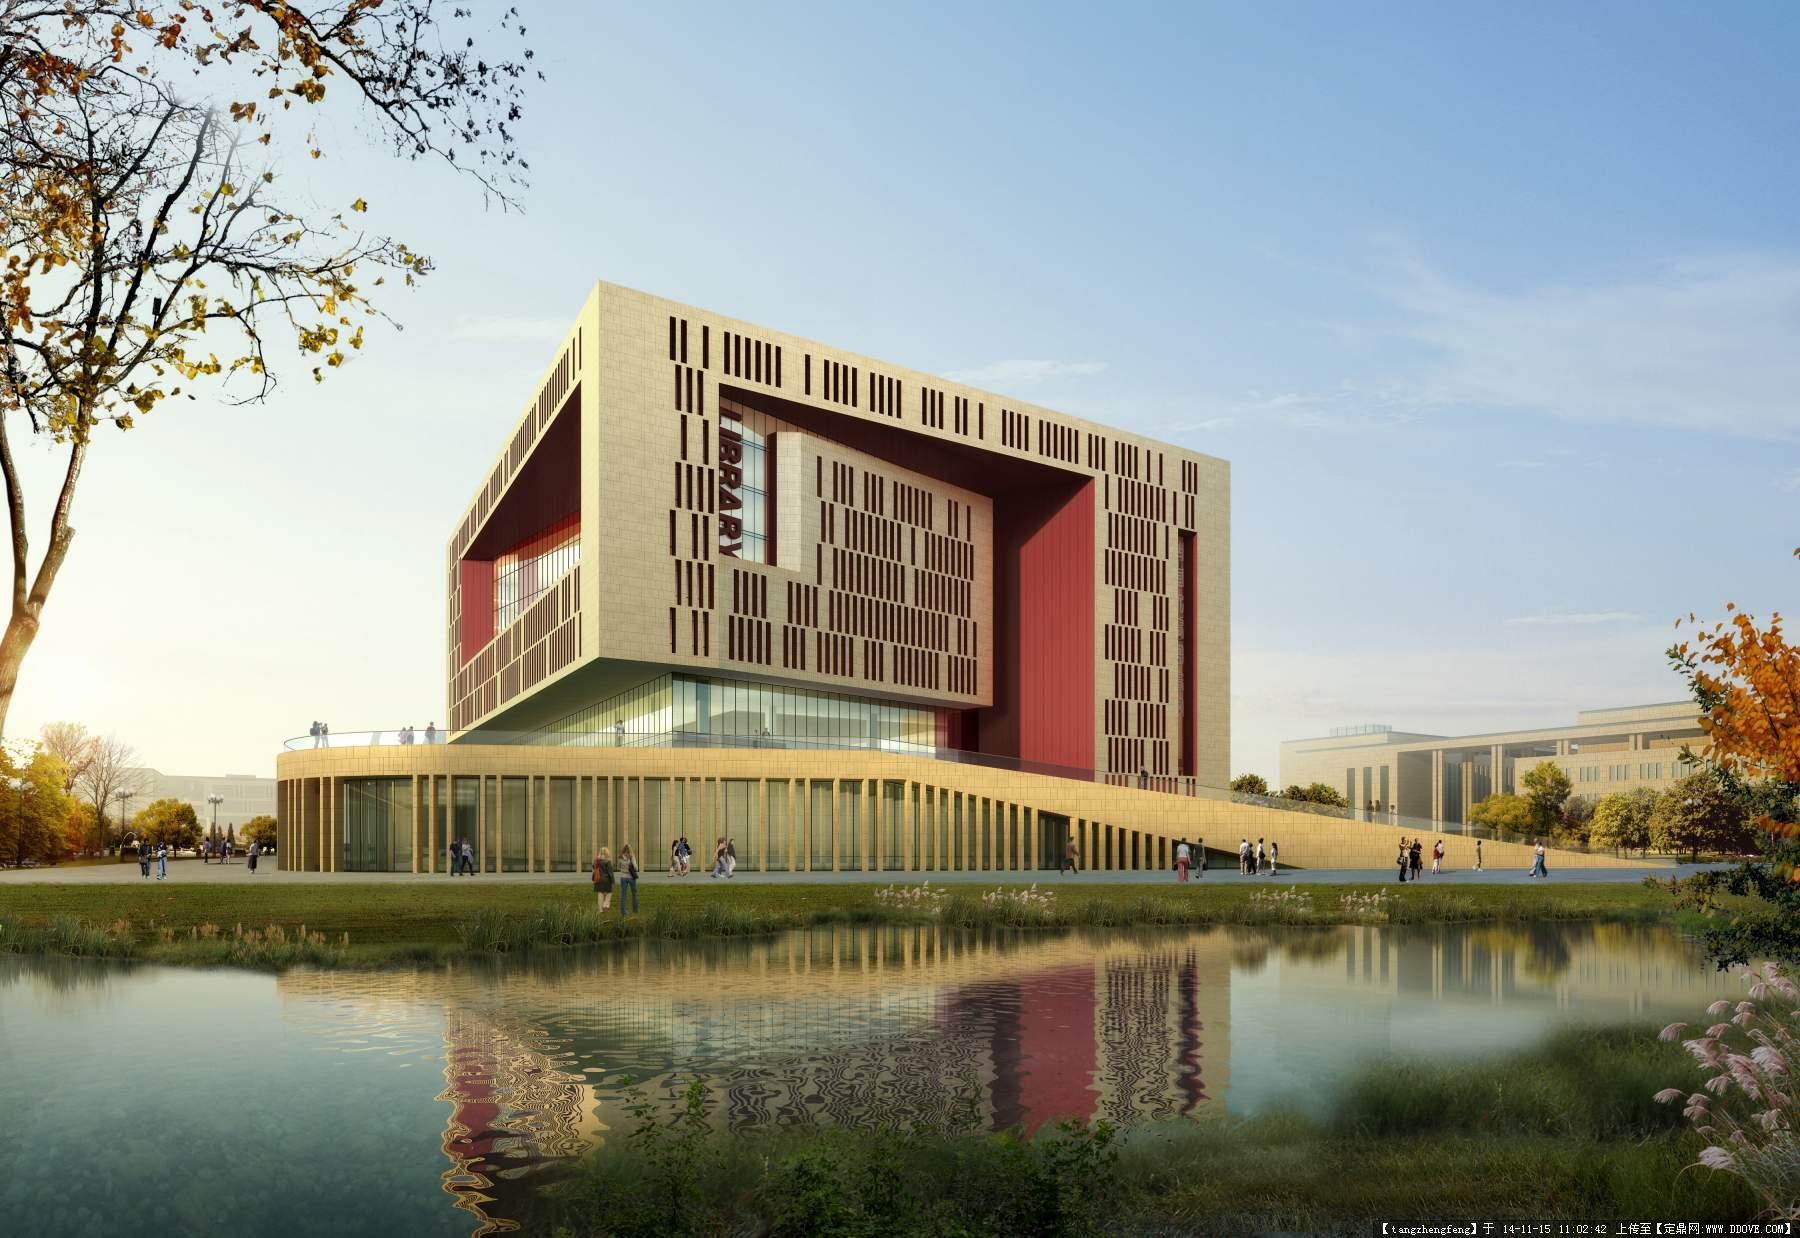 建筑景观效果图图片的图片浏览,建筑效果图,公共建筑